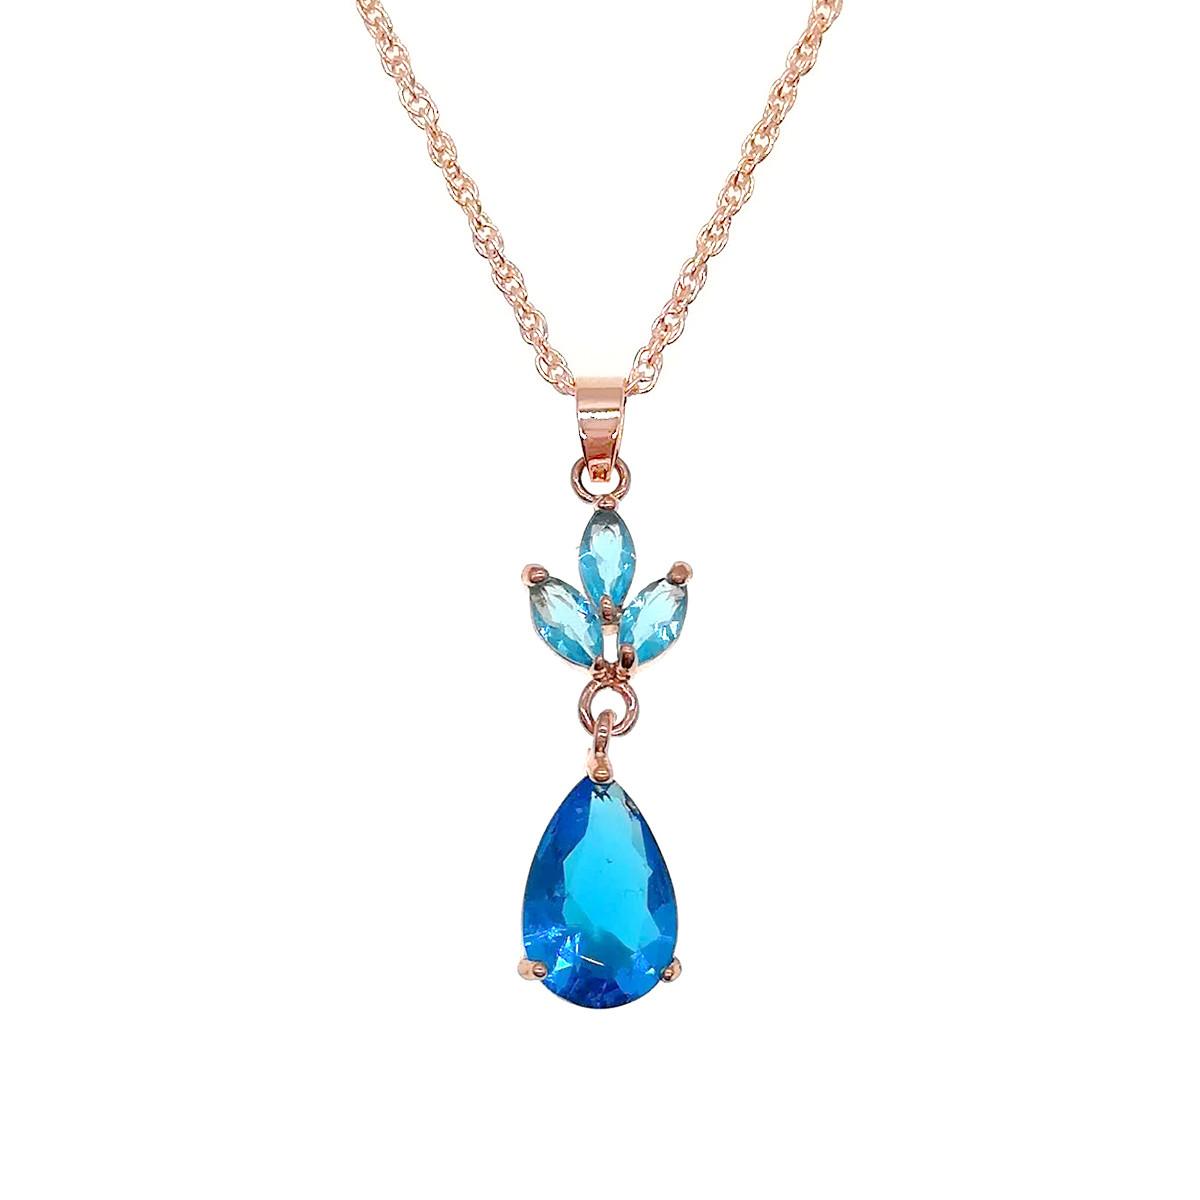 Подвеска на цепочке SONATA из медицинского золота, голубые фианиты, позолота PO, 42225             (1)